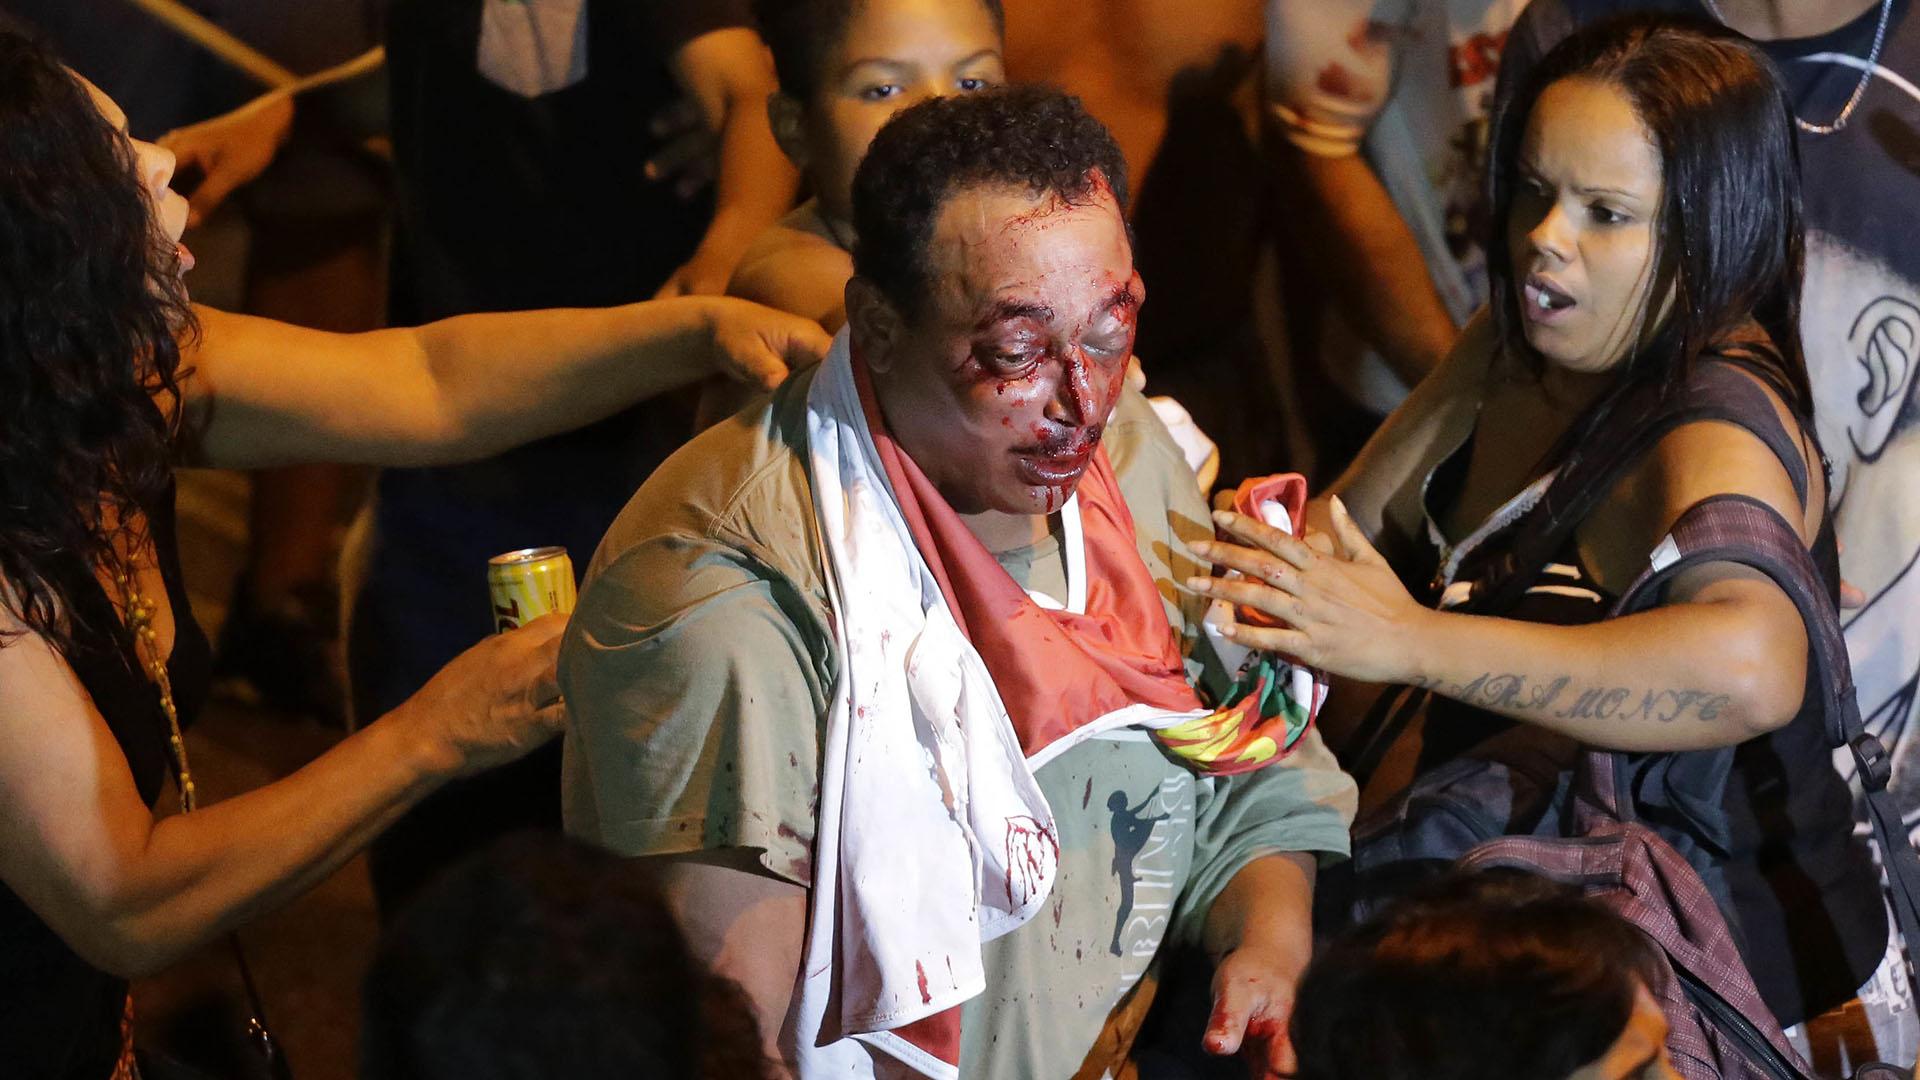 Simpatizantes del ex presidente intentan asistir a un hombre que estuvo involucrado en una pelea afuera del sindicato. (AP Photo/Nelson Antoine)